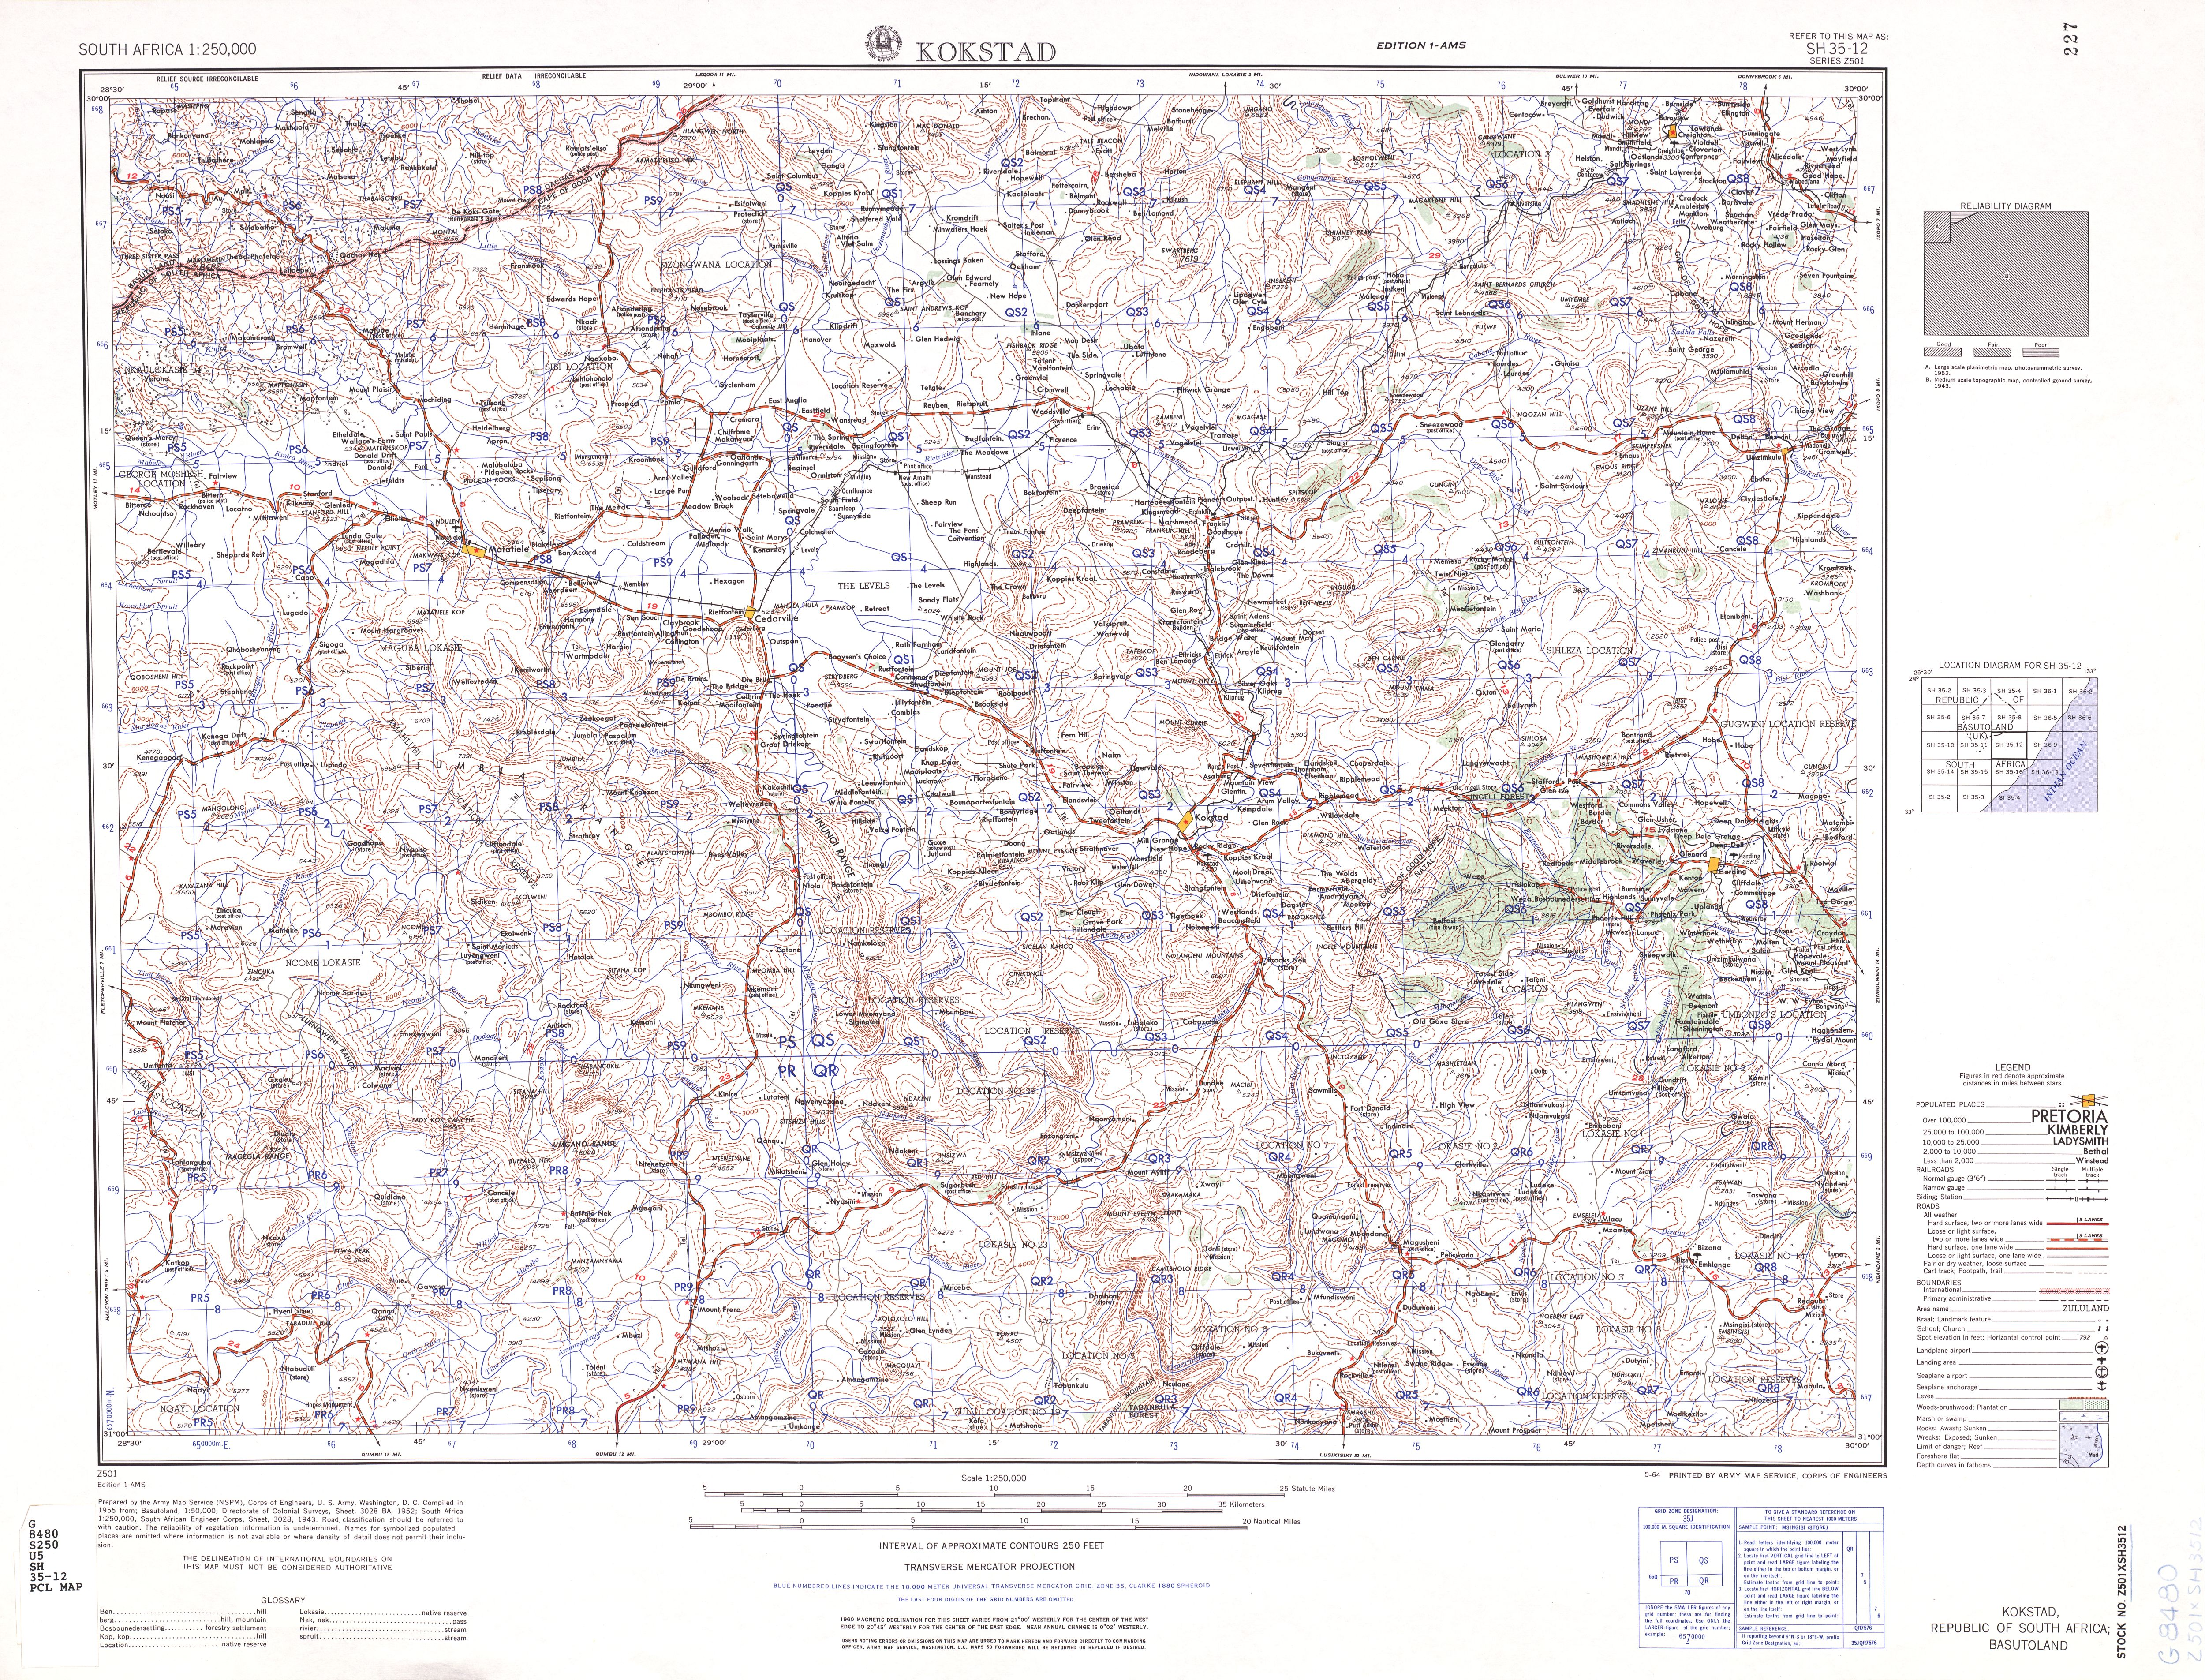 Hoja Kokstad del Mapa Topográfico de África Meridional 1954